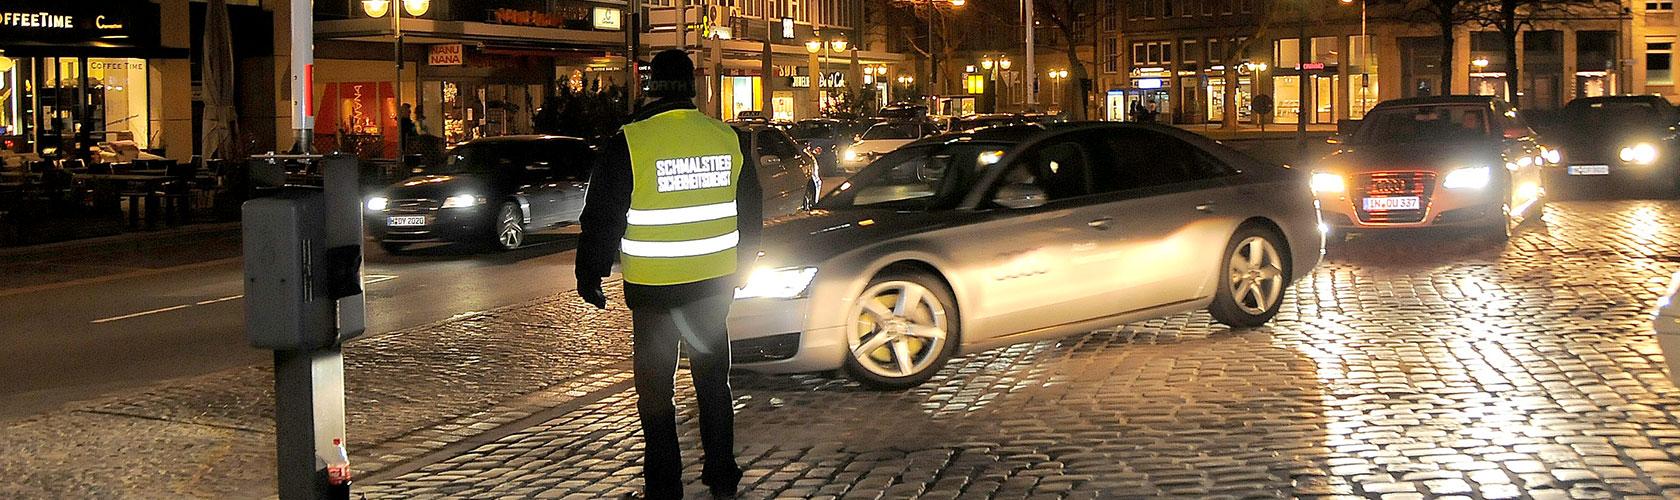 Diskothekenschutz - Security Parkservice für eine Veranstaltungsschutz in Hannover